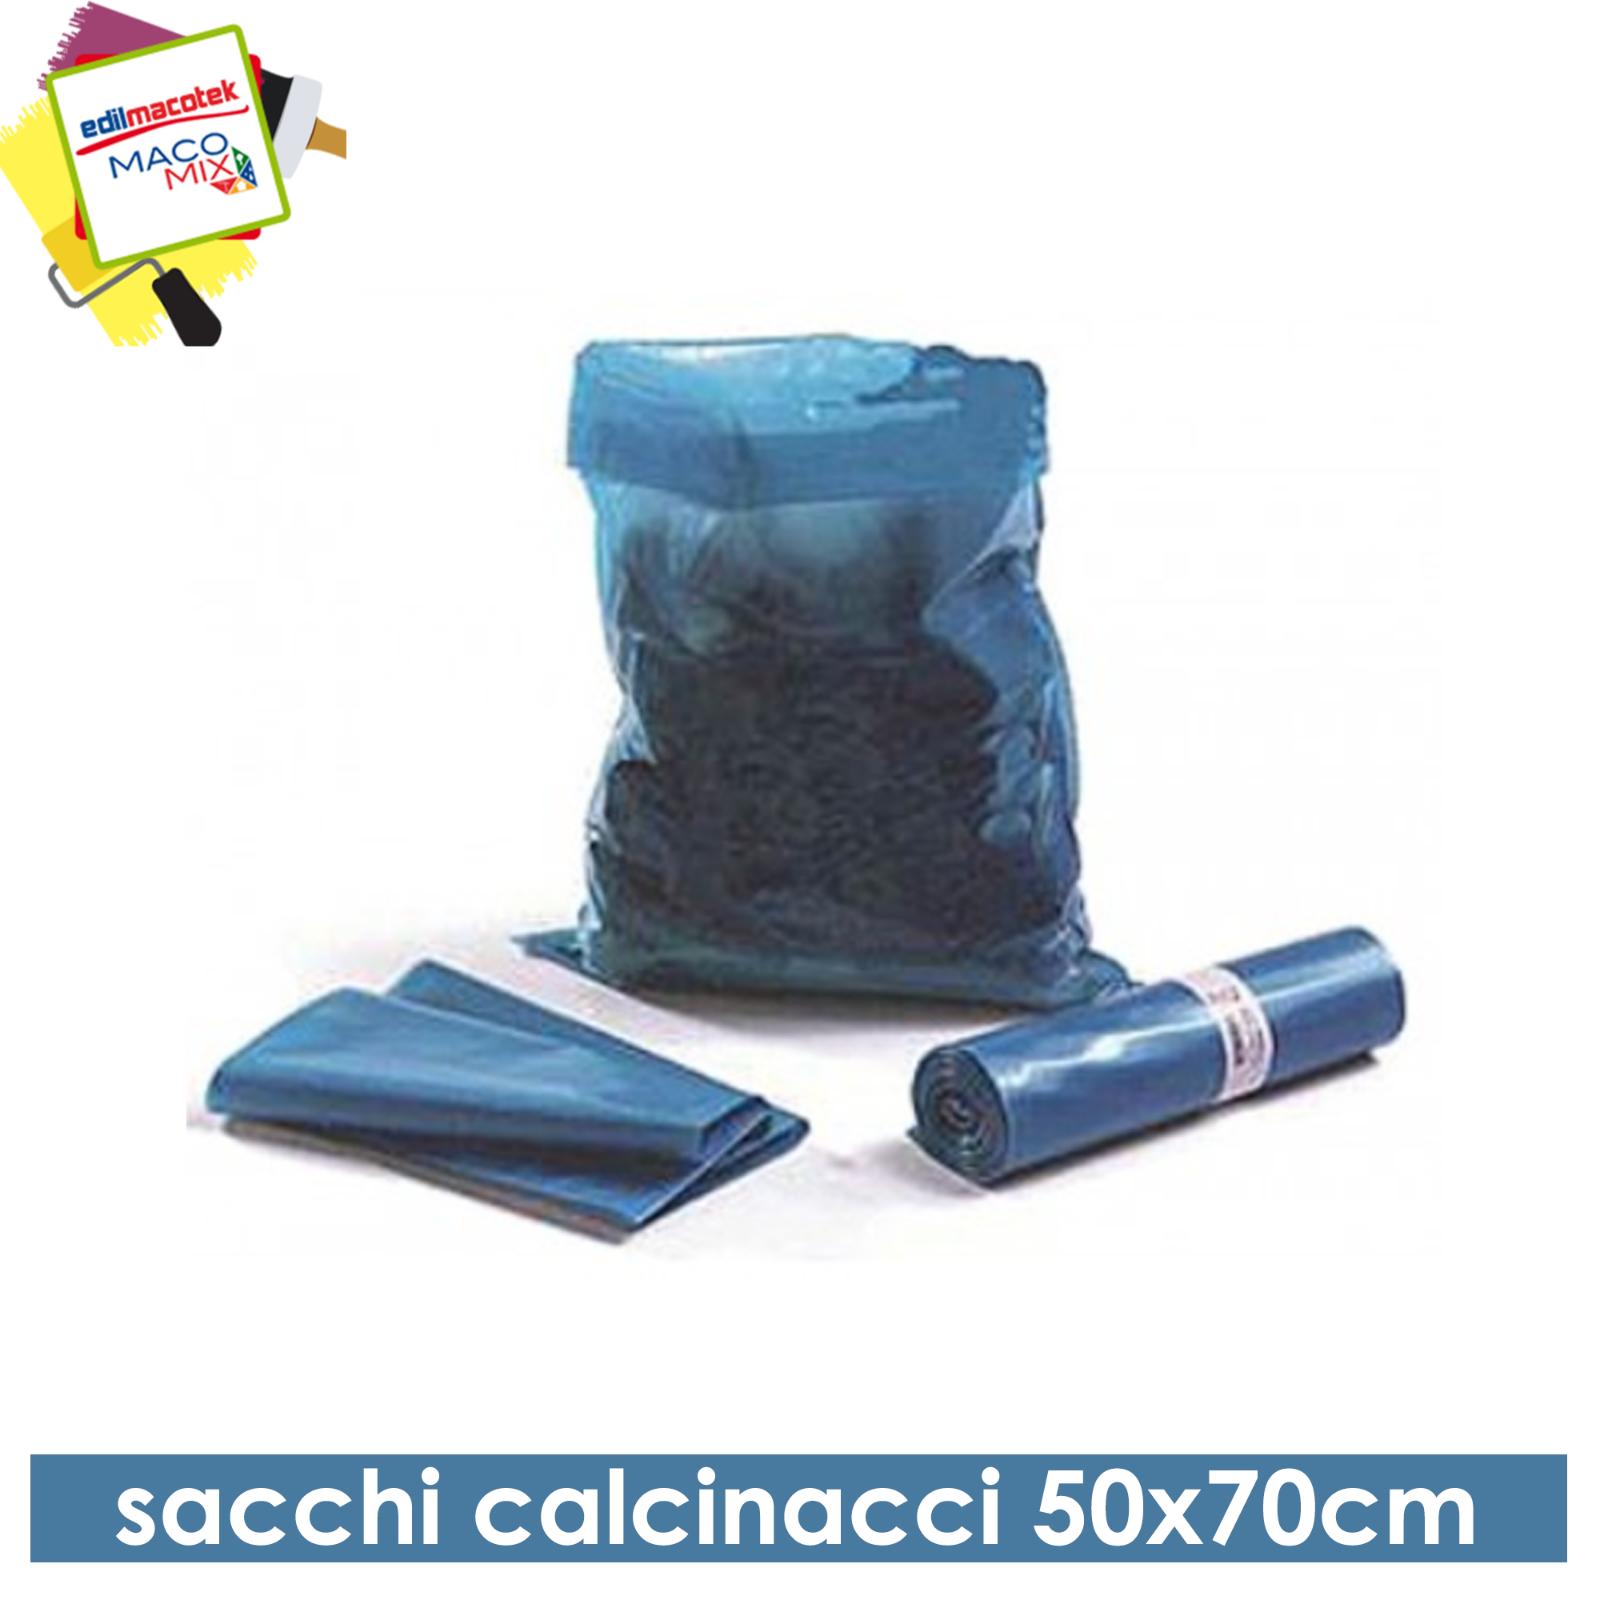 Sacchi per calcinacci blu 50x70 cm rotolo 15pezzi spessore 110my